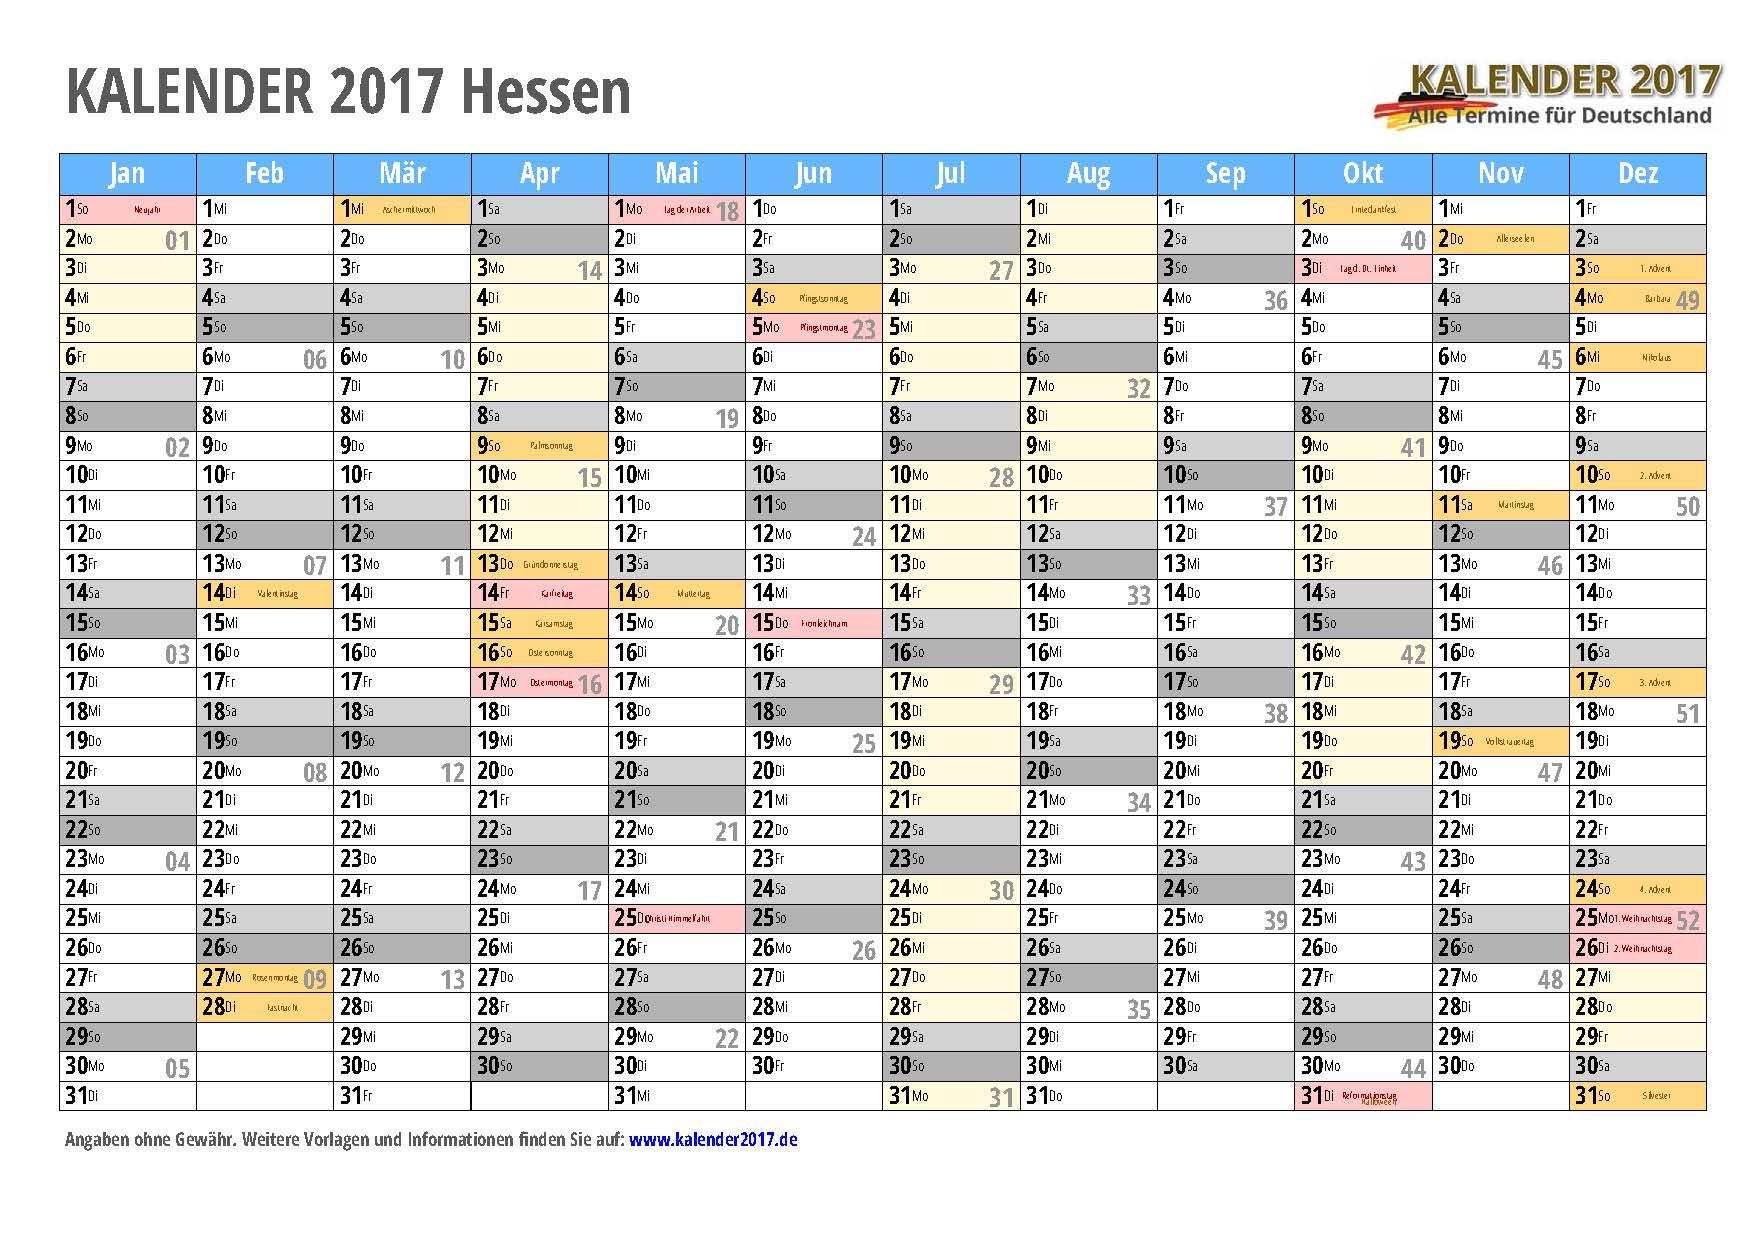 Kalender 2017 Hessen zum Ausdrucken - KALENDER 2017